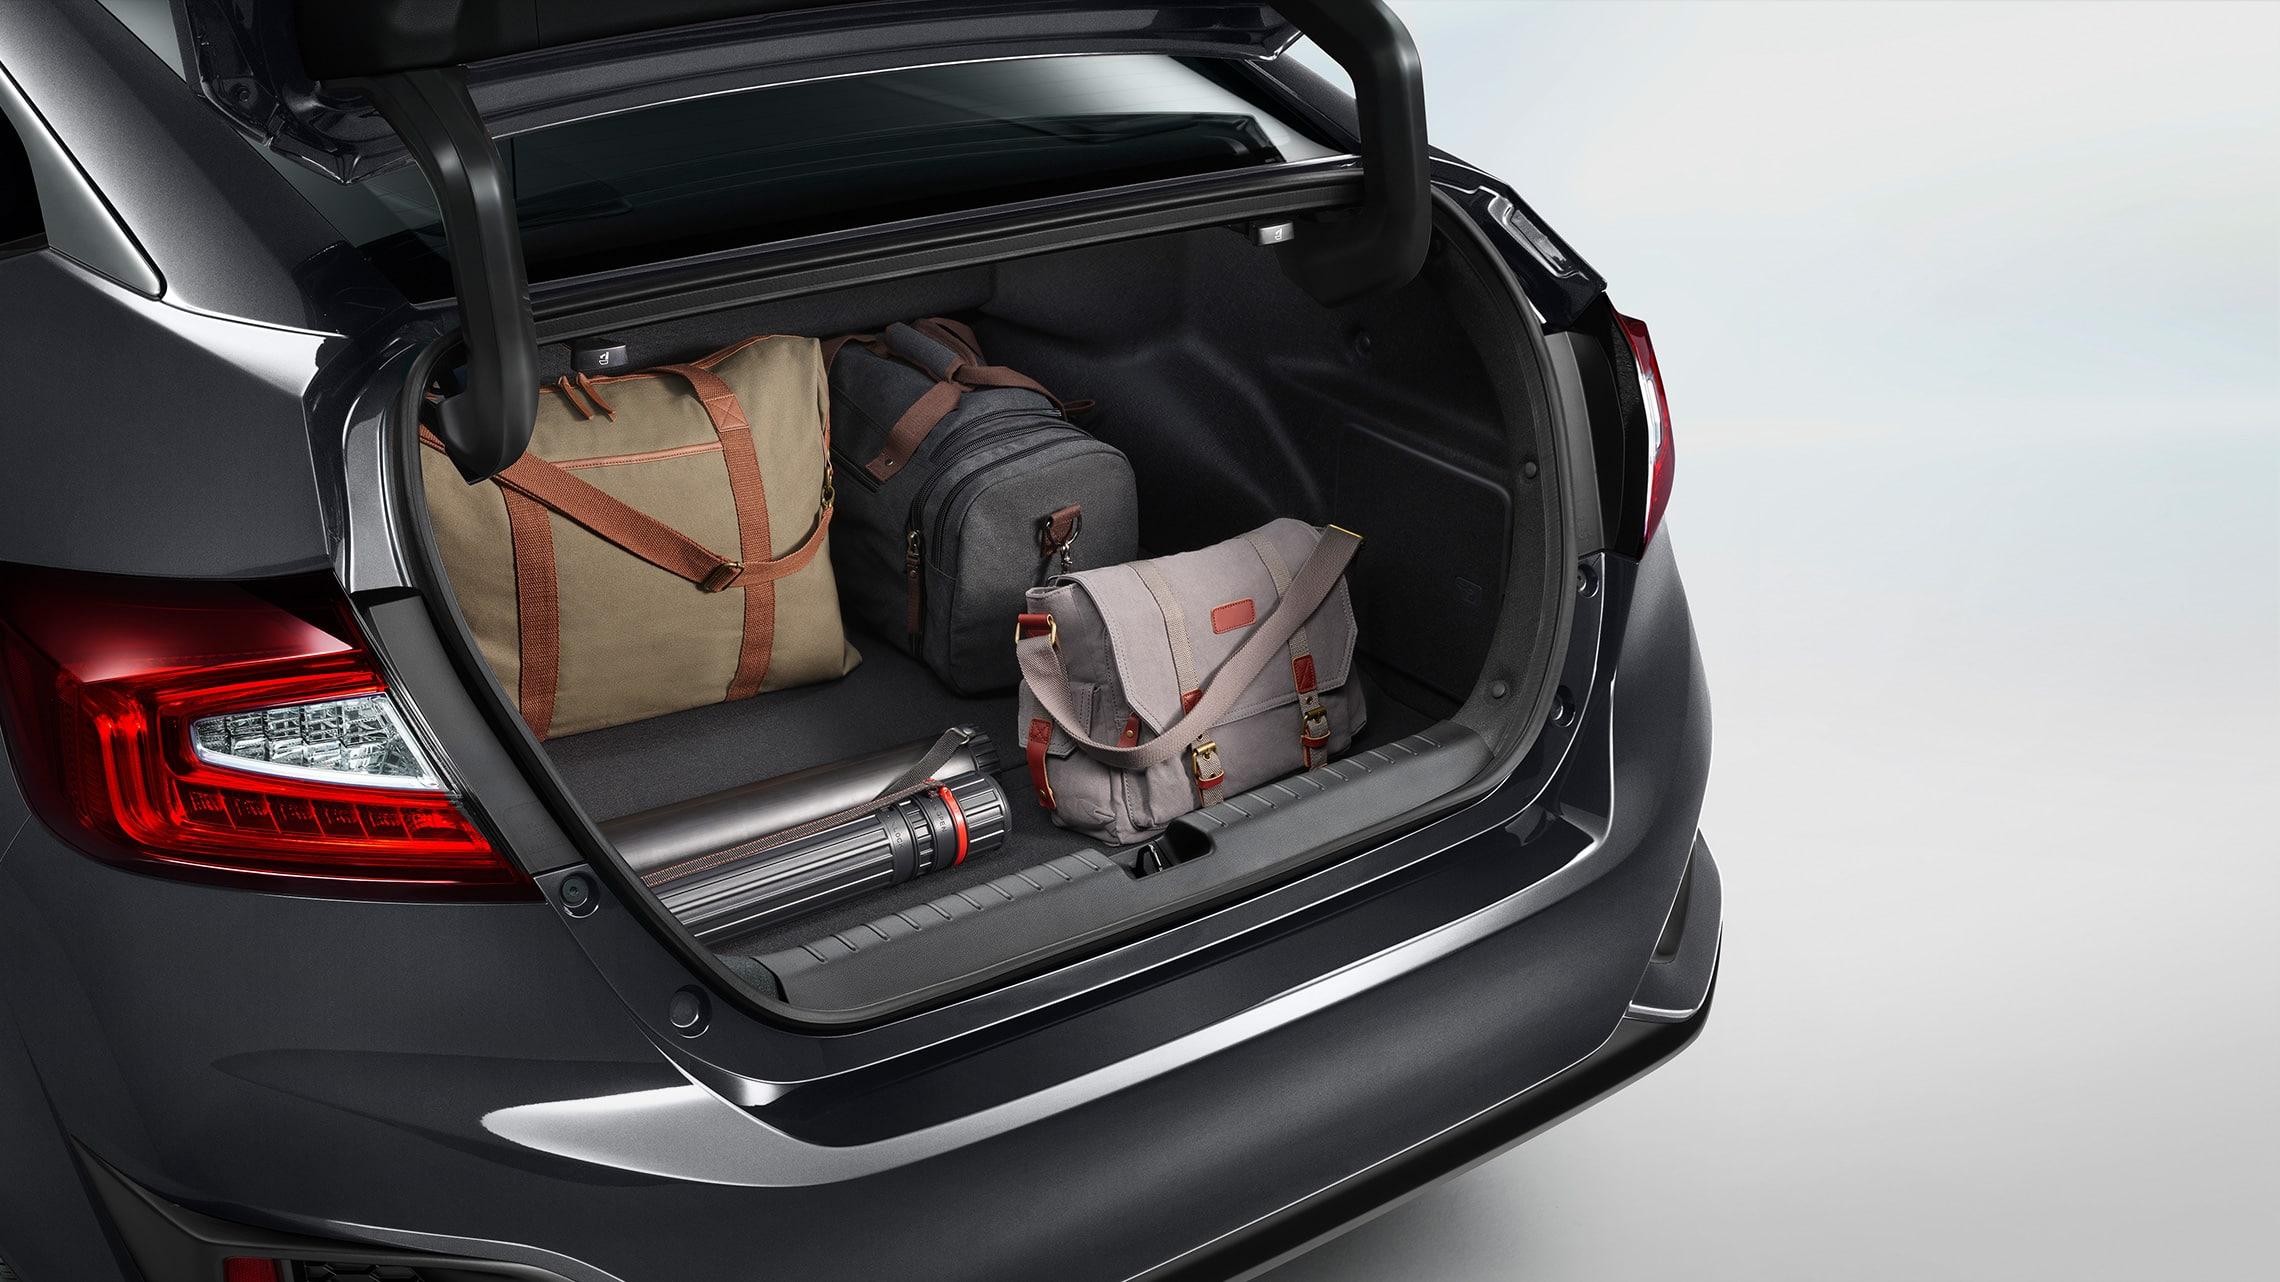 Detalle de carga en el maletero abierto del Clarity Plug-in Hybrid2021.